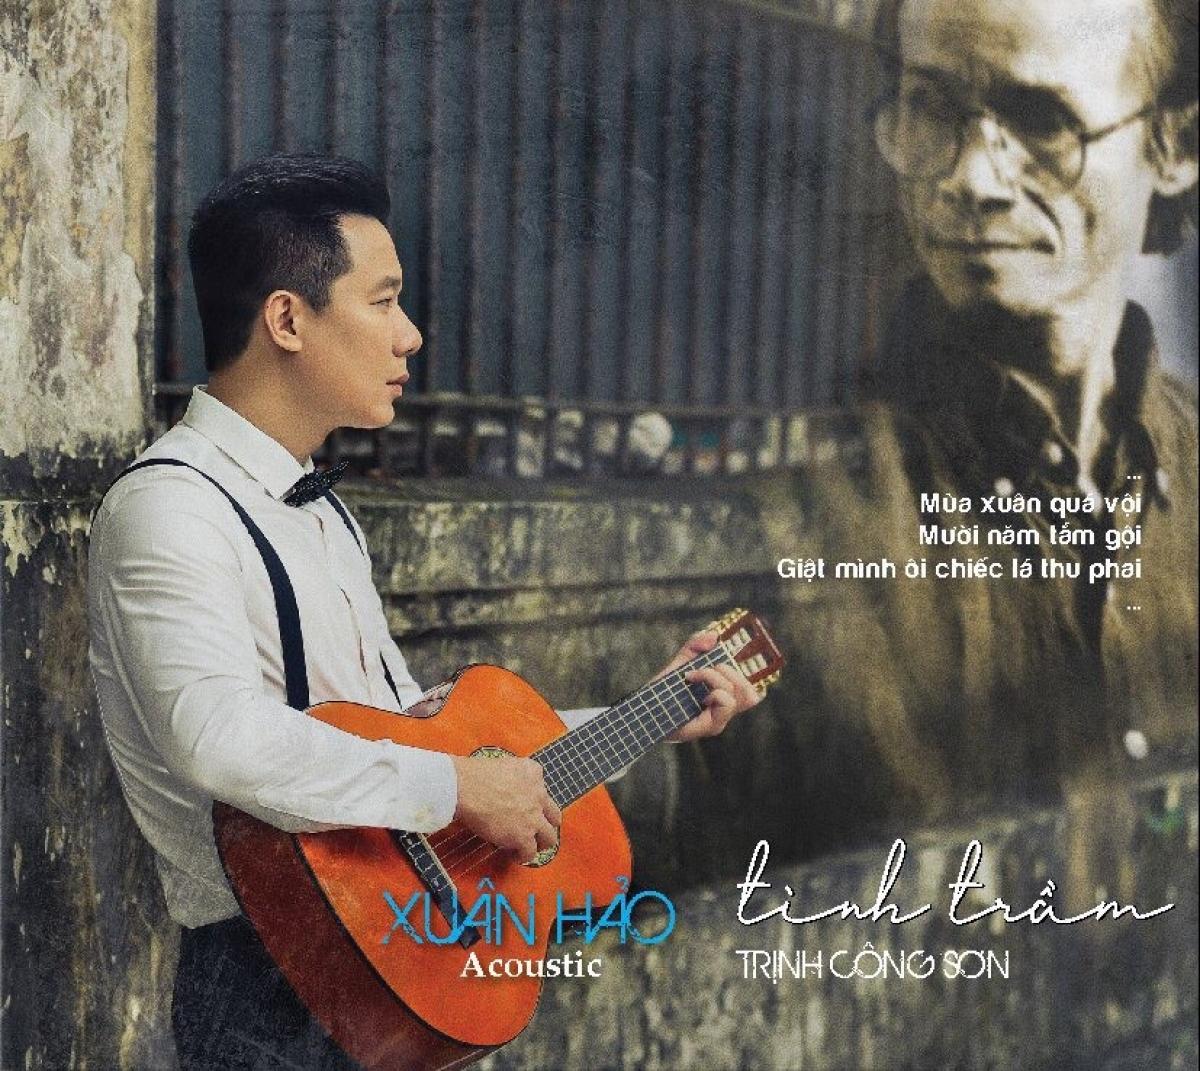 Nam ca sĩ cho biết hát nhạc Trịnh cần có sự thấu hiểu, chiêm nghiệm nhất định.